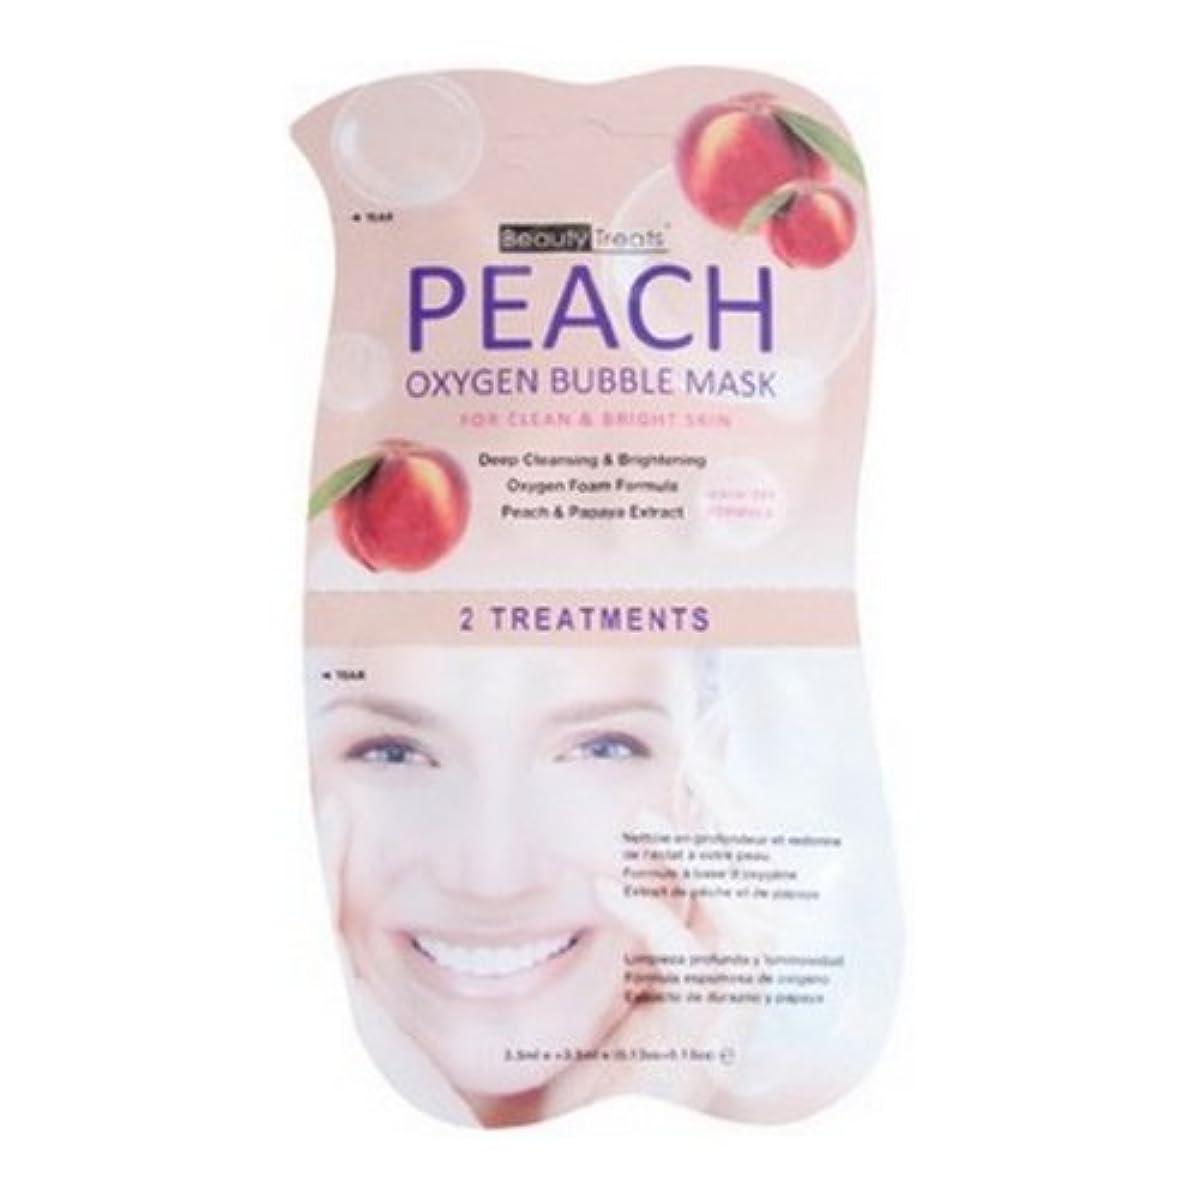 主人不足ラベンダー(6 Pack) BEAUTY TREATS Peach Oxygen Bubble Mask - Peach (並行輸入品)